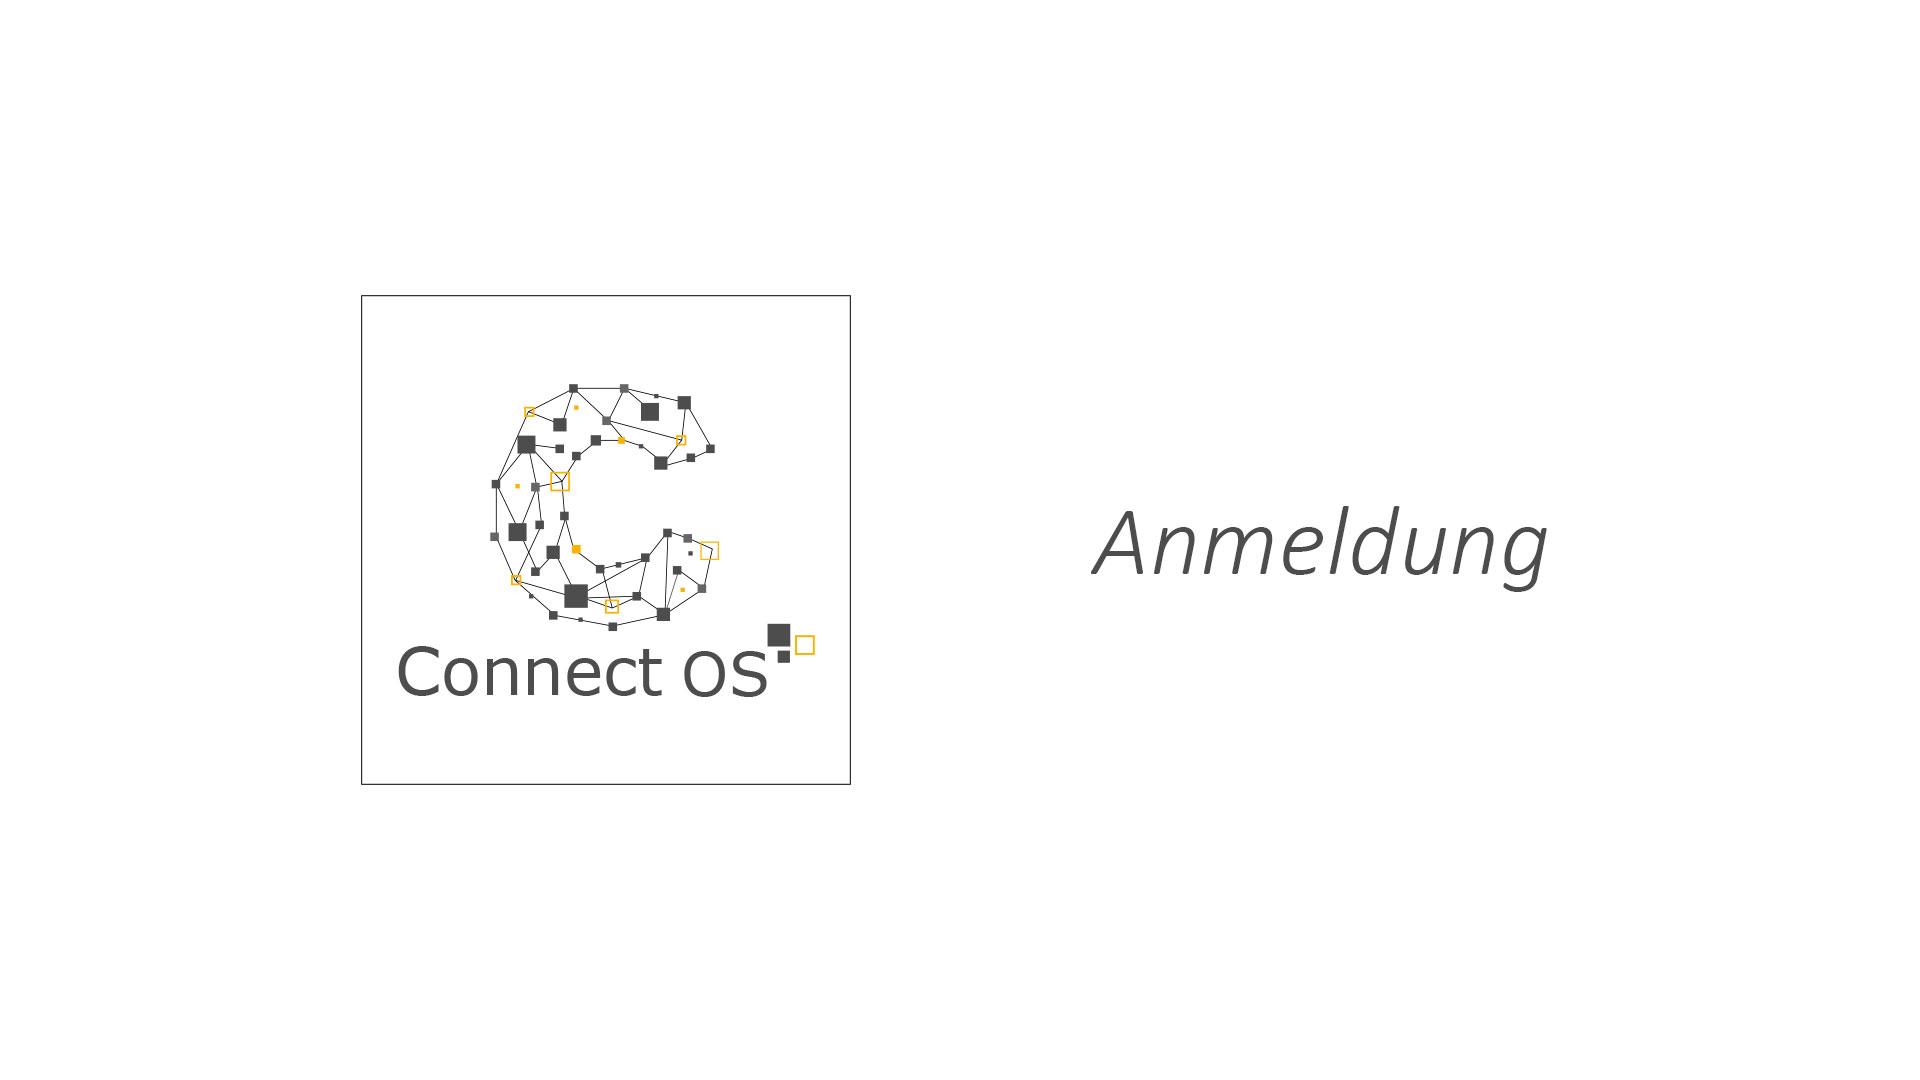 Anmeldung ConnectOS